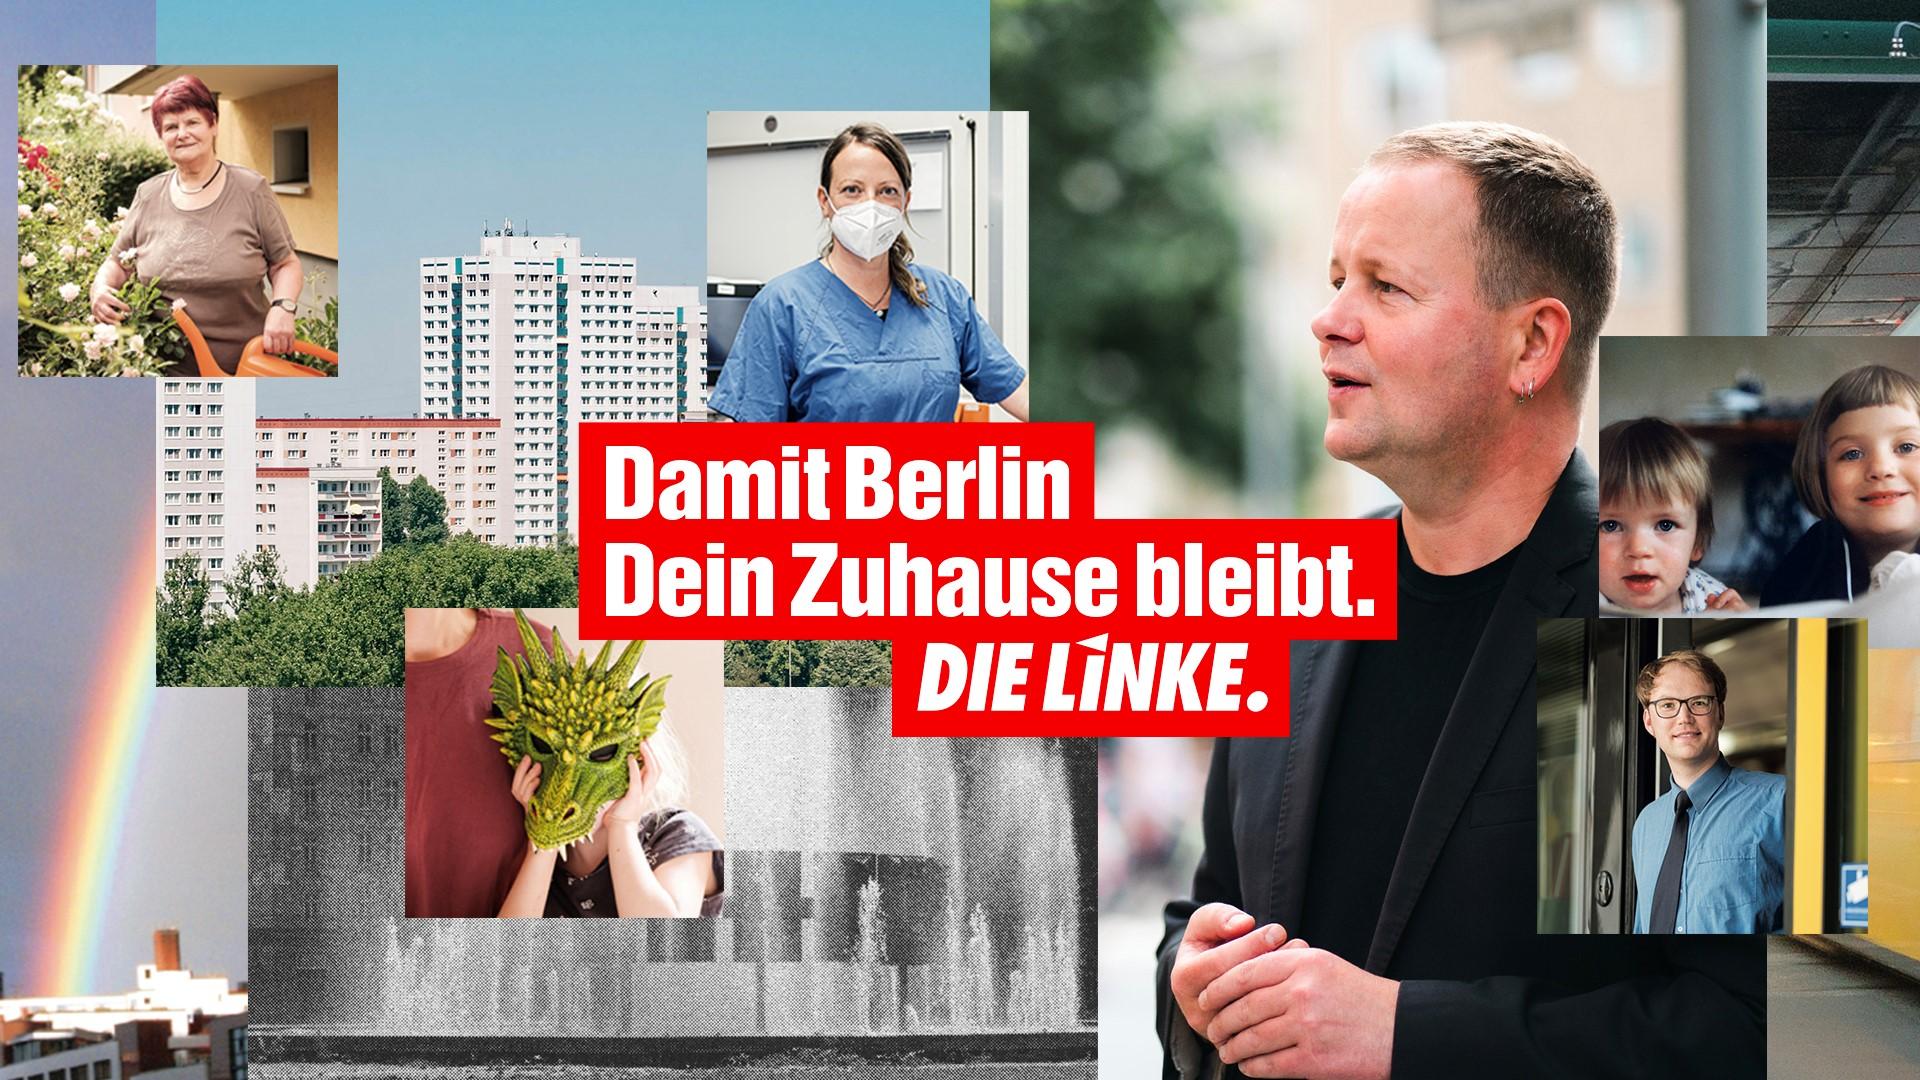 DIE LINKE. Berlin